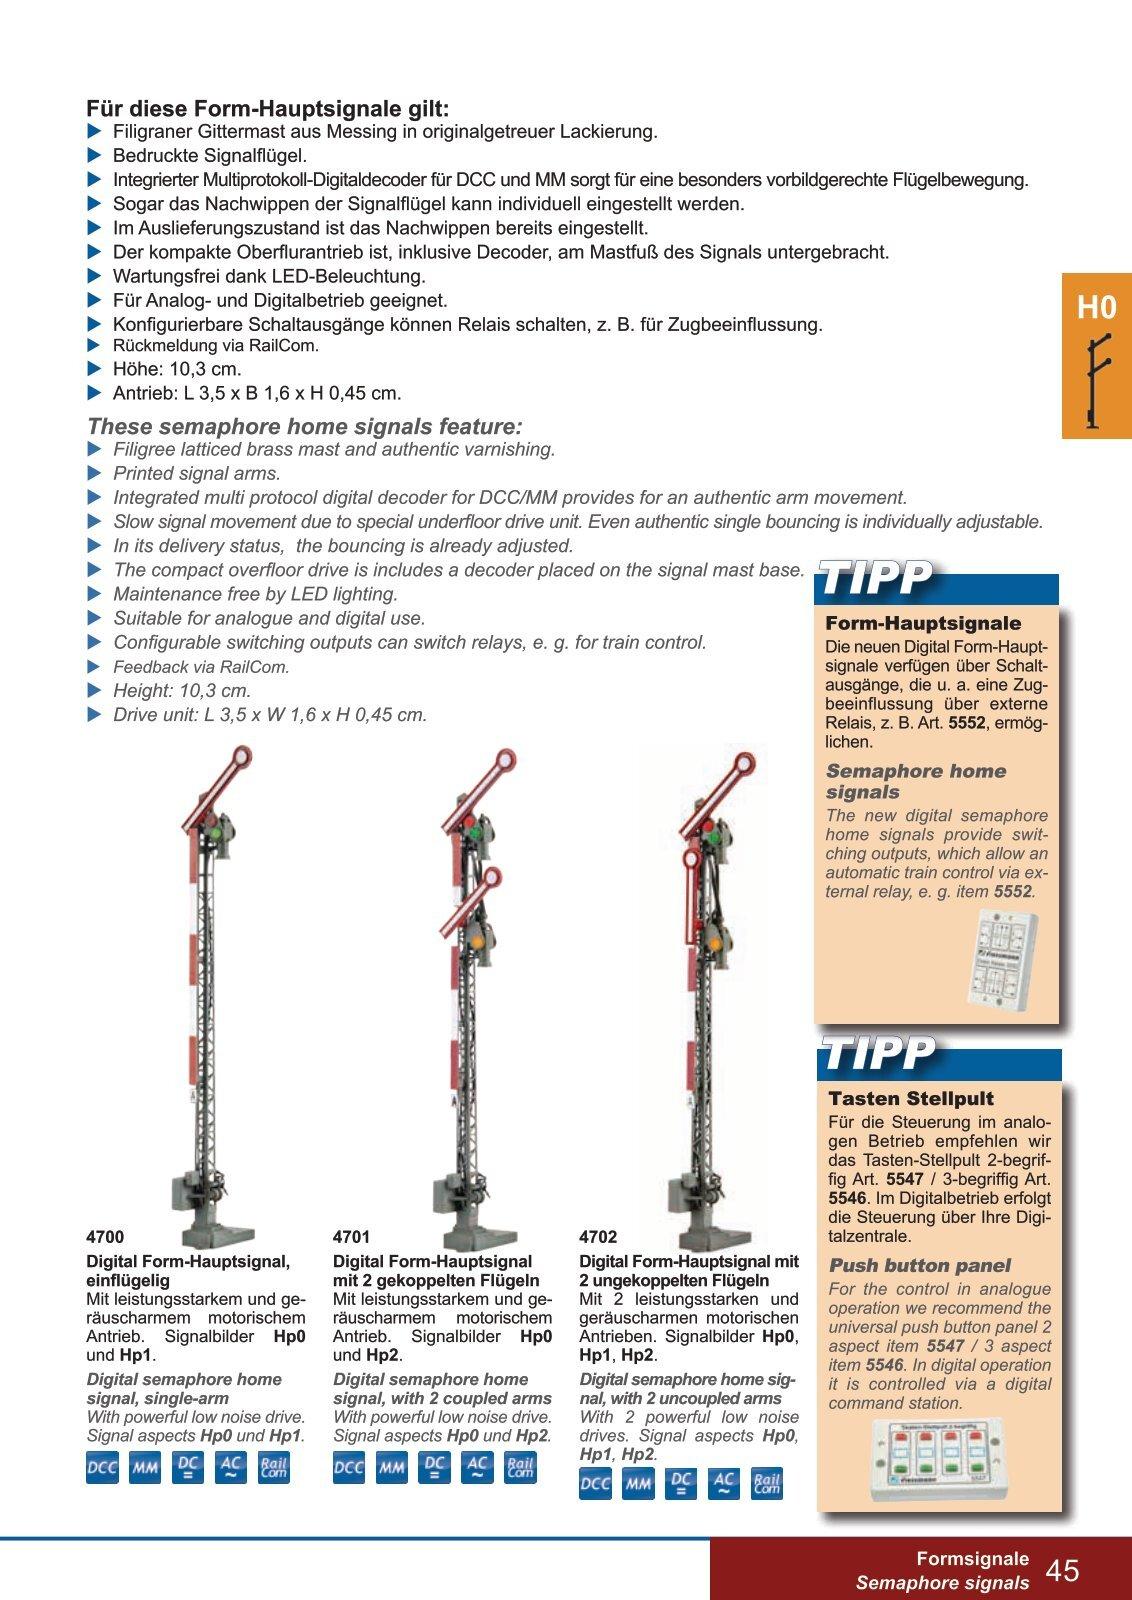 Viessmann 5546 Tasten-Stellpult 3-begriffig